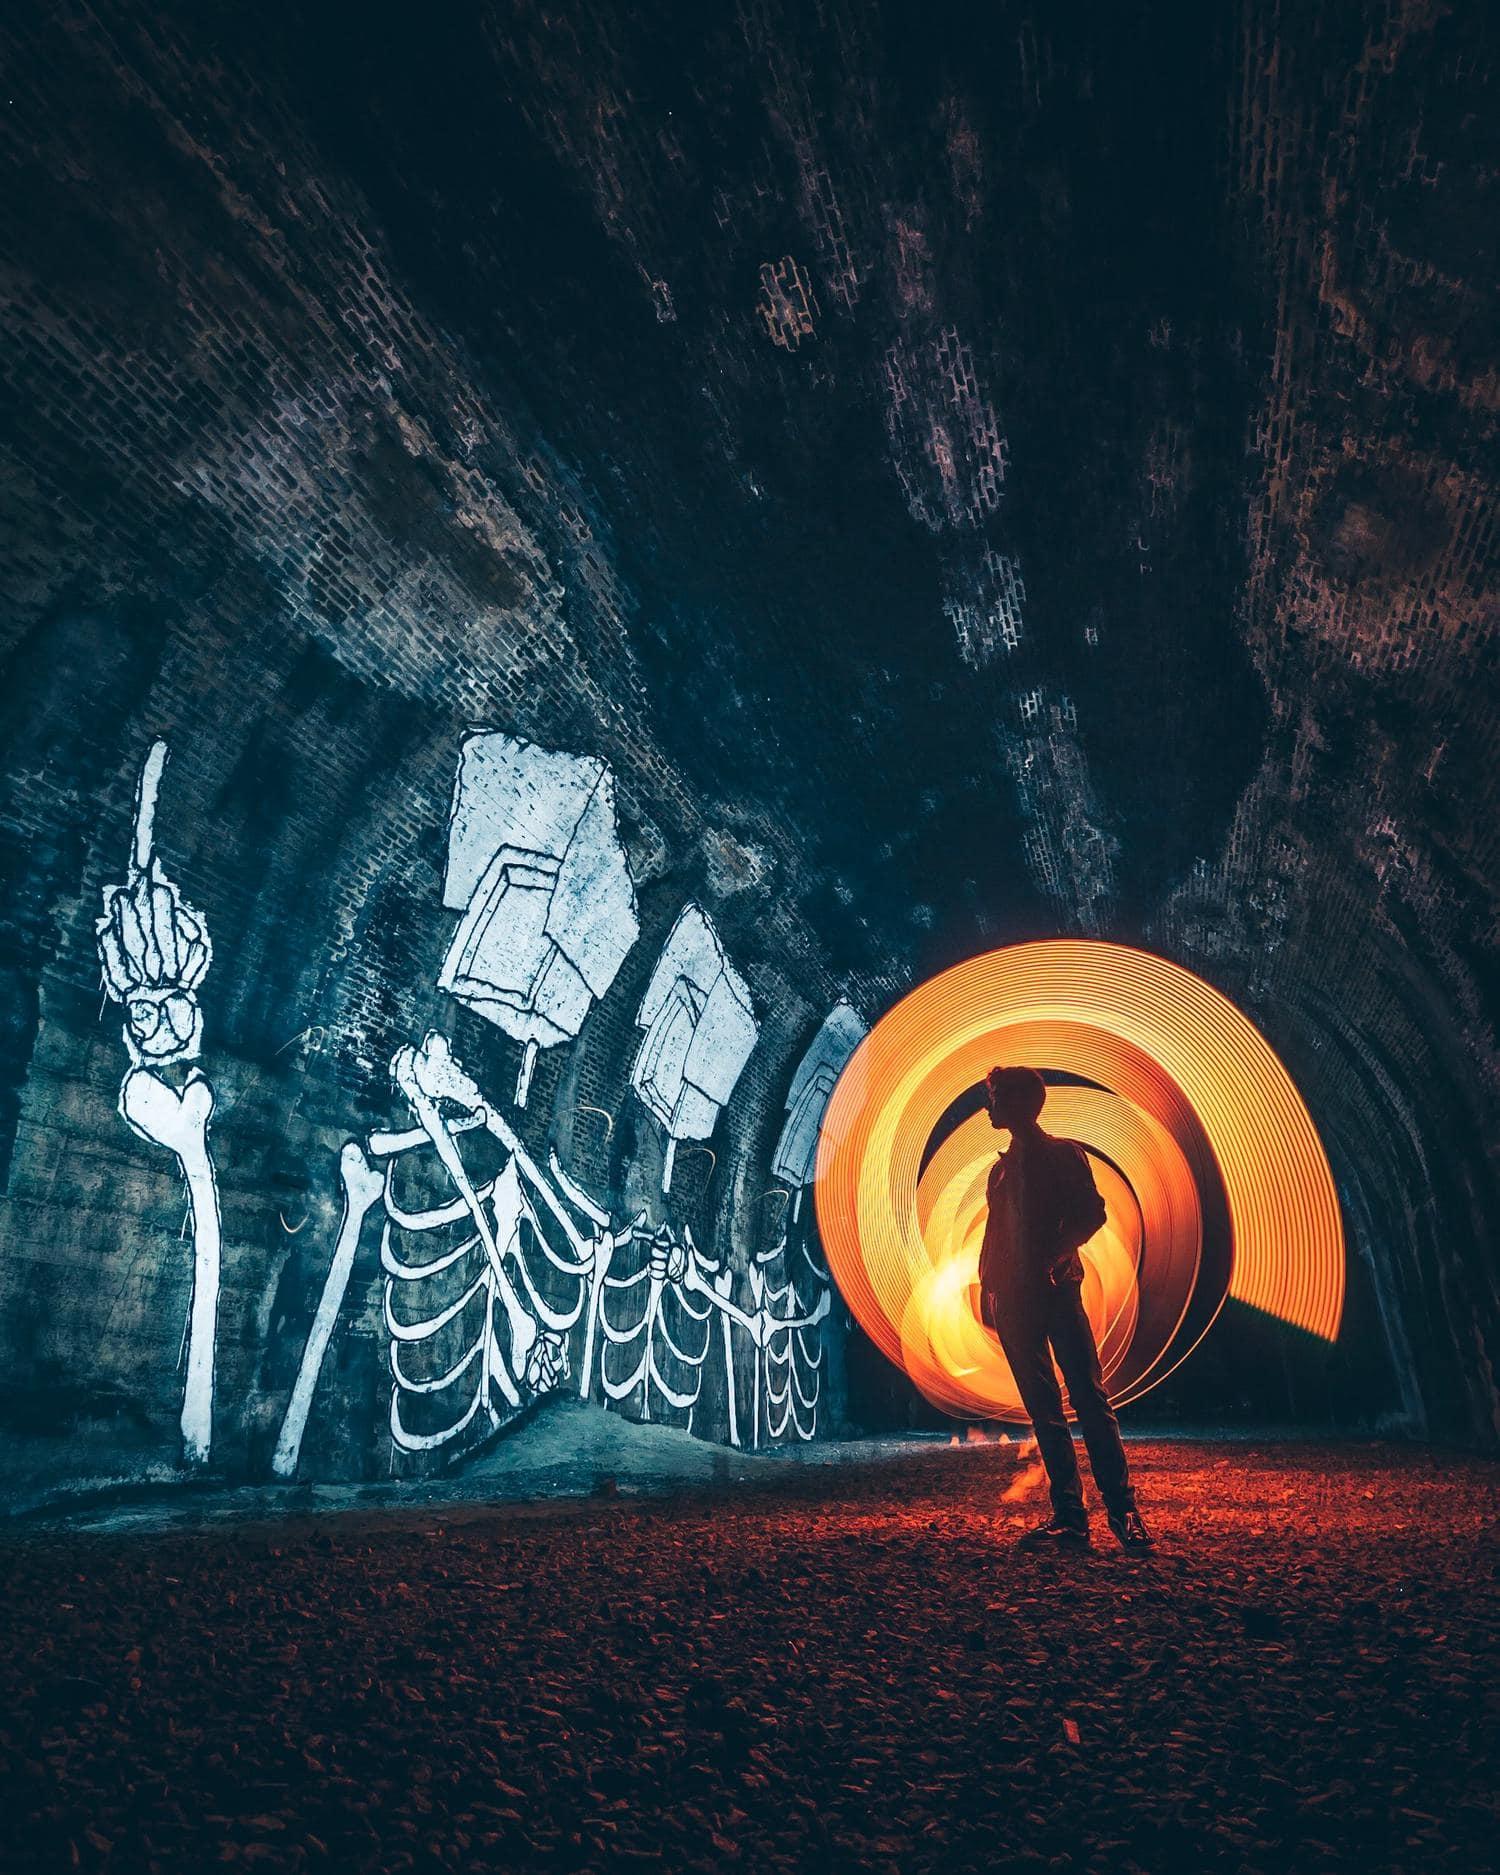 Técnica de lightpainting o fotografía de pintura con luz.